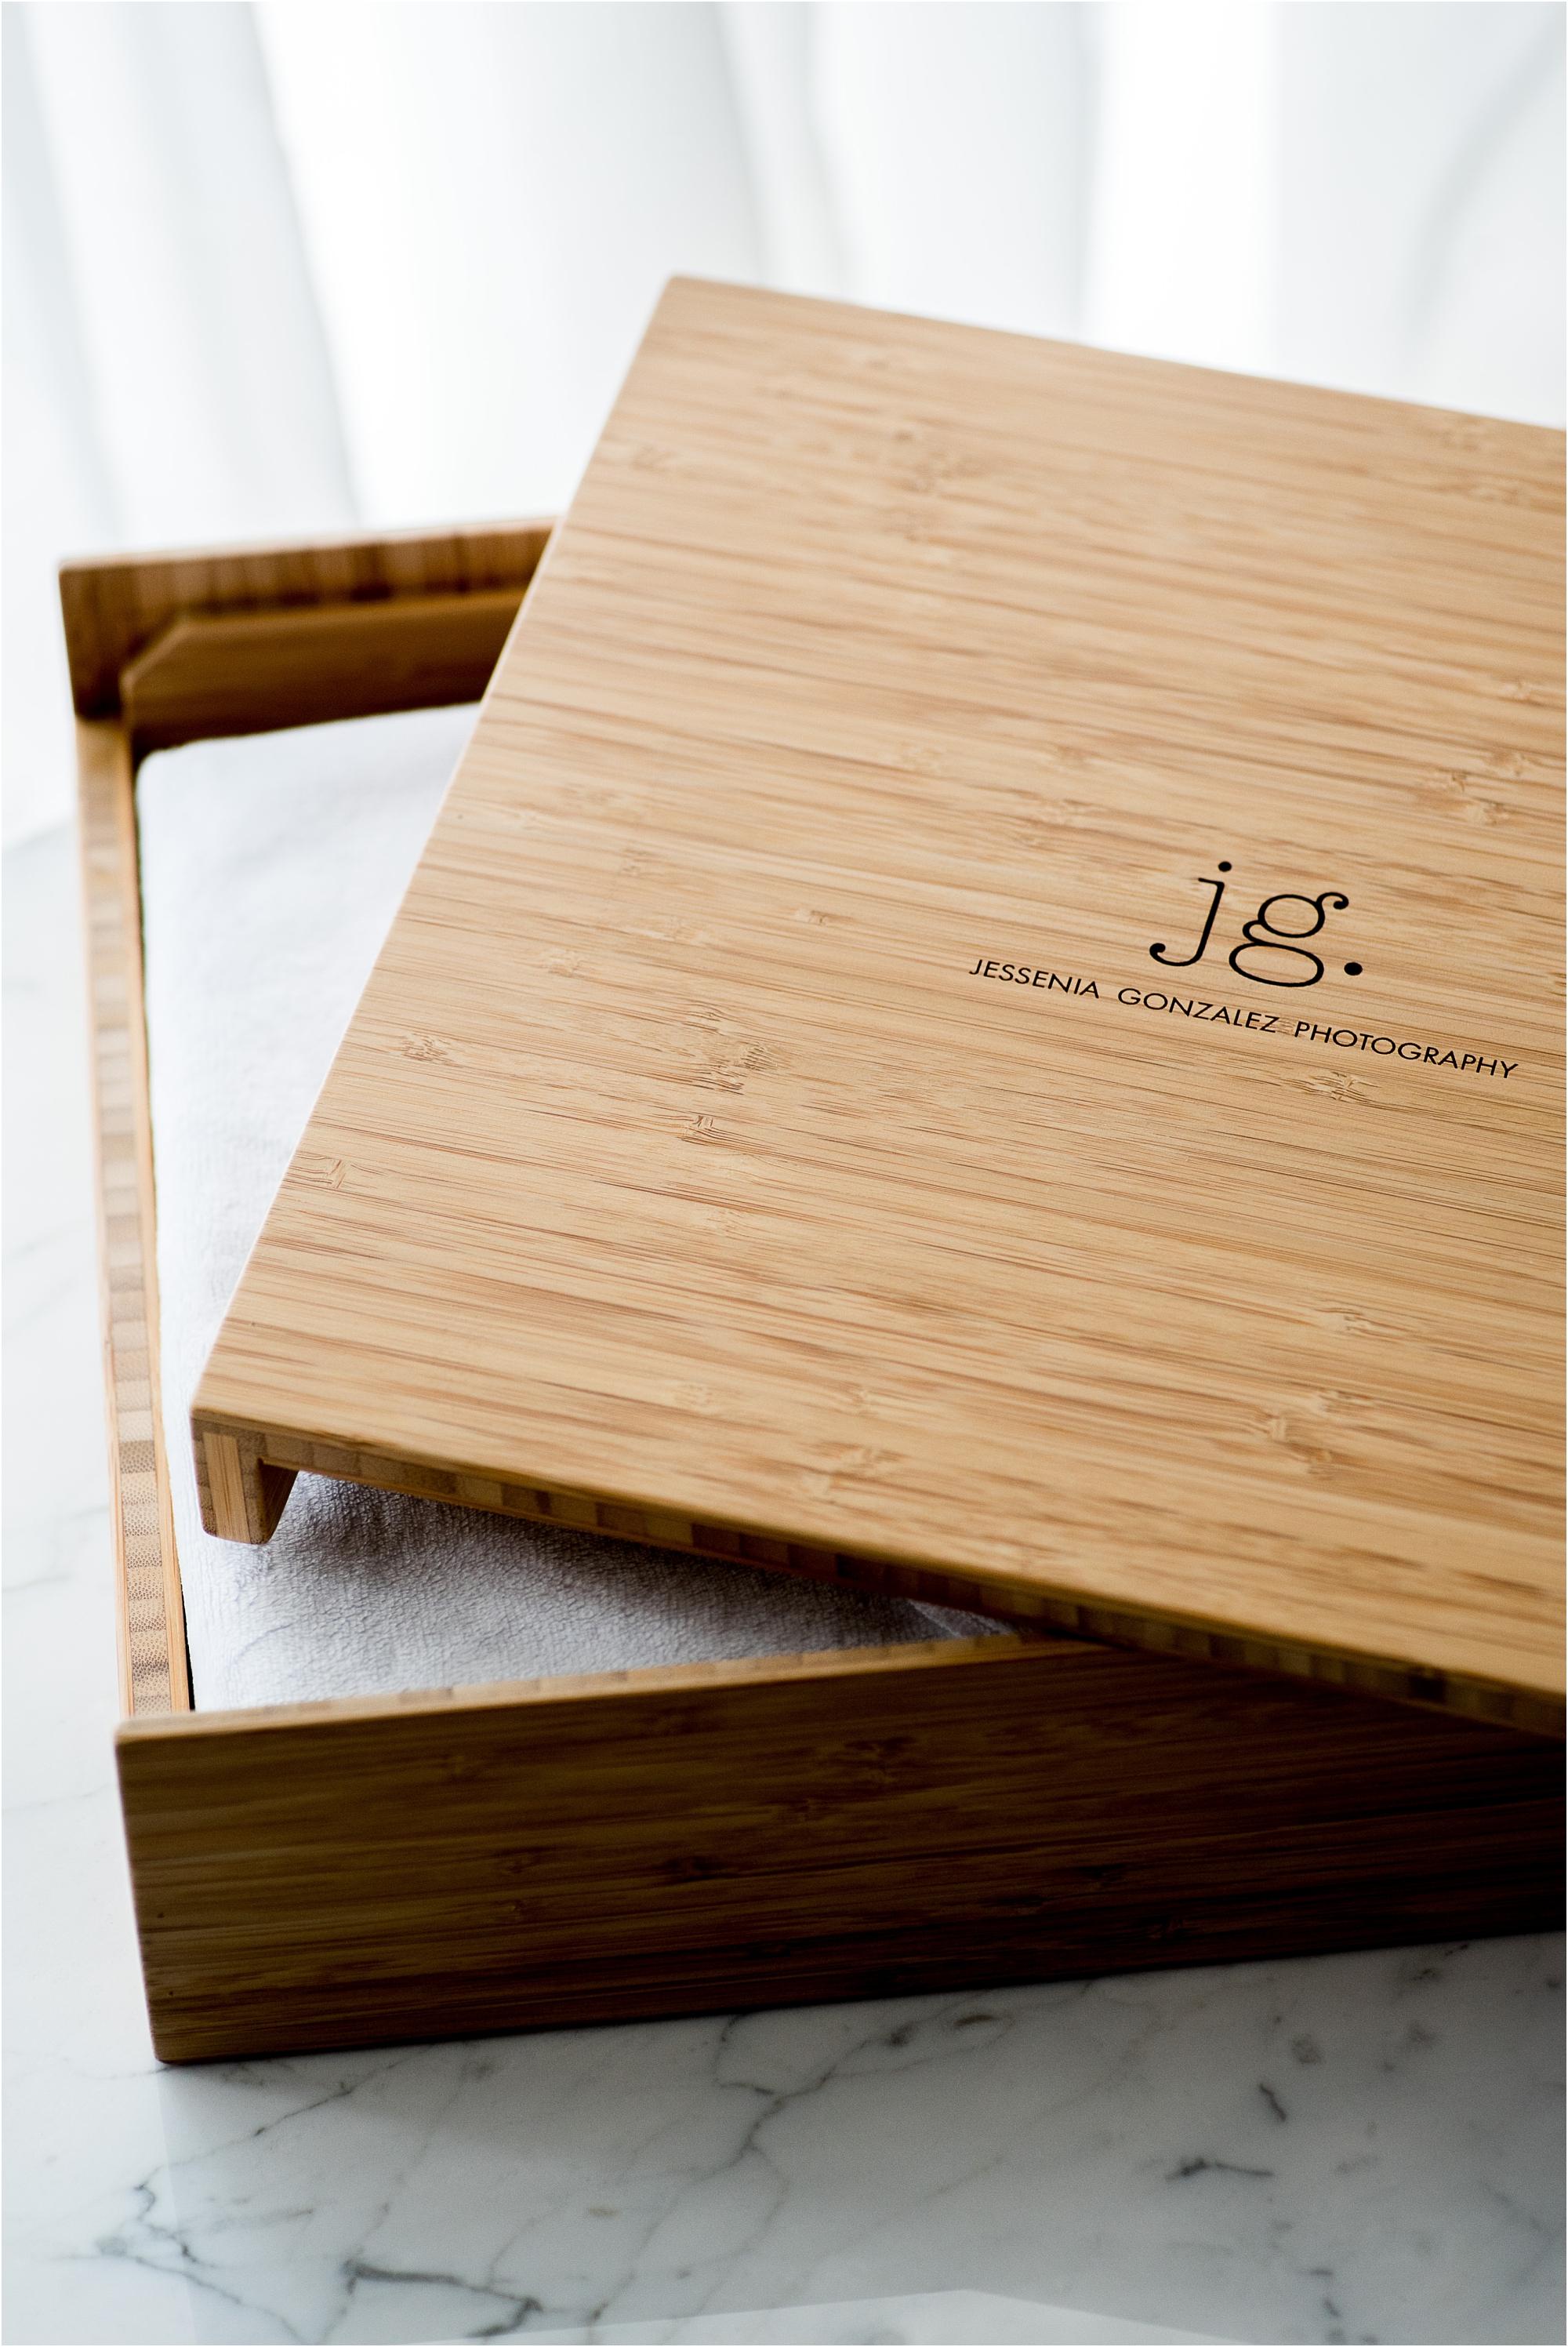 wedding album-miami-photographer-jessenia gonzalez-redtree album_1336.jpg